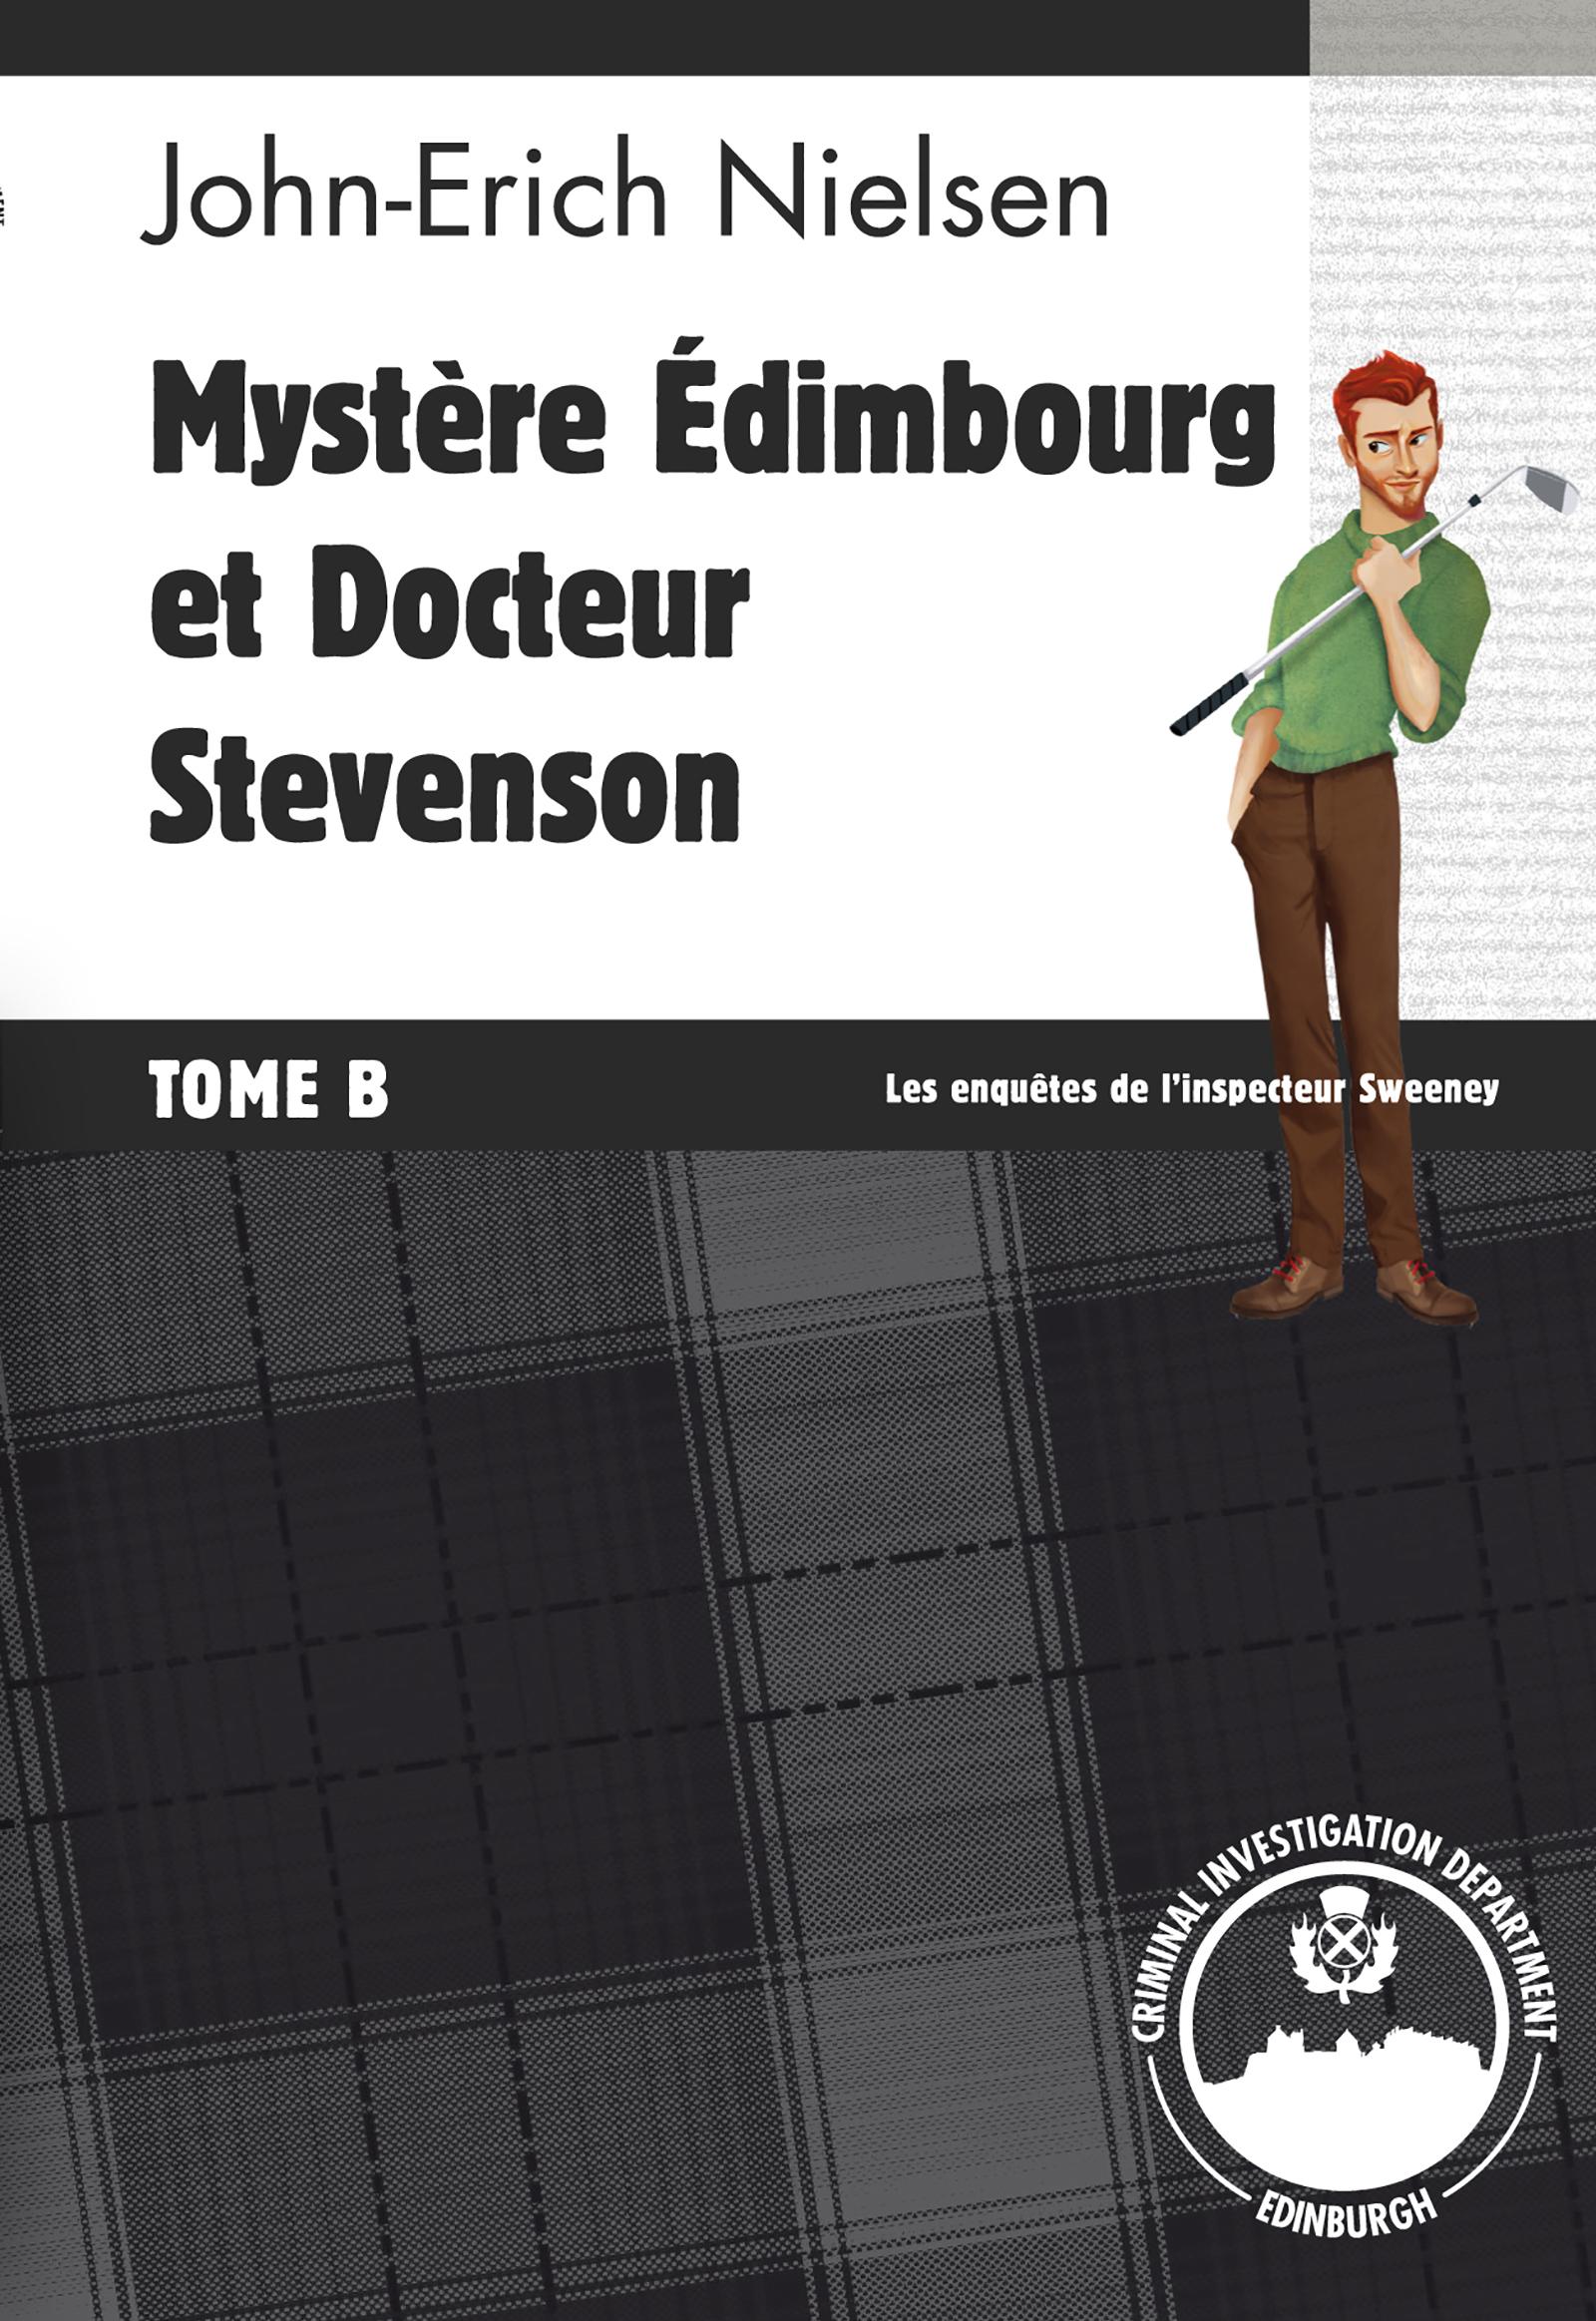 Mystère Edimbourg et Docteur Stevenson